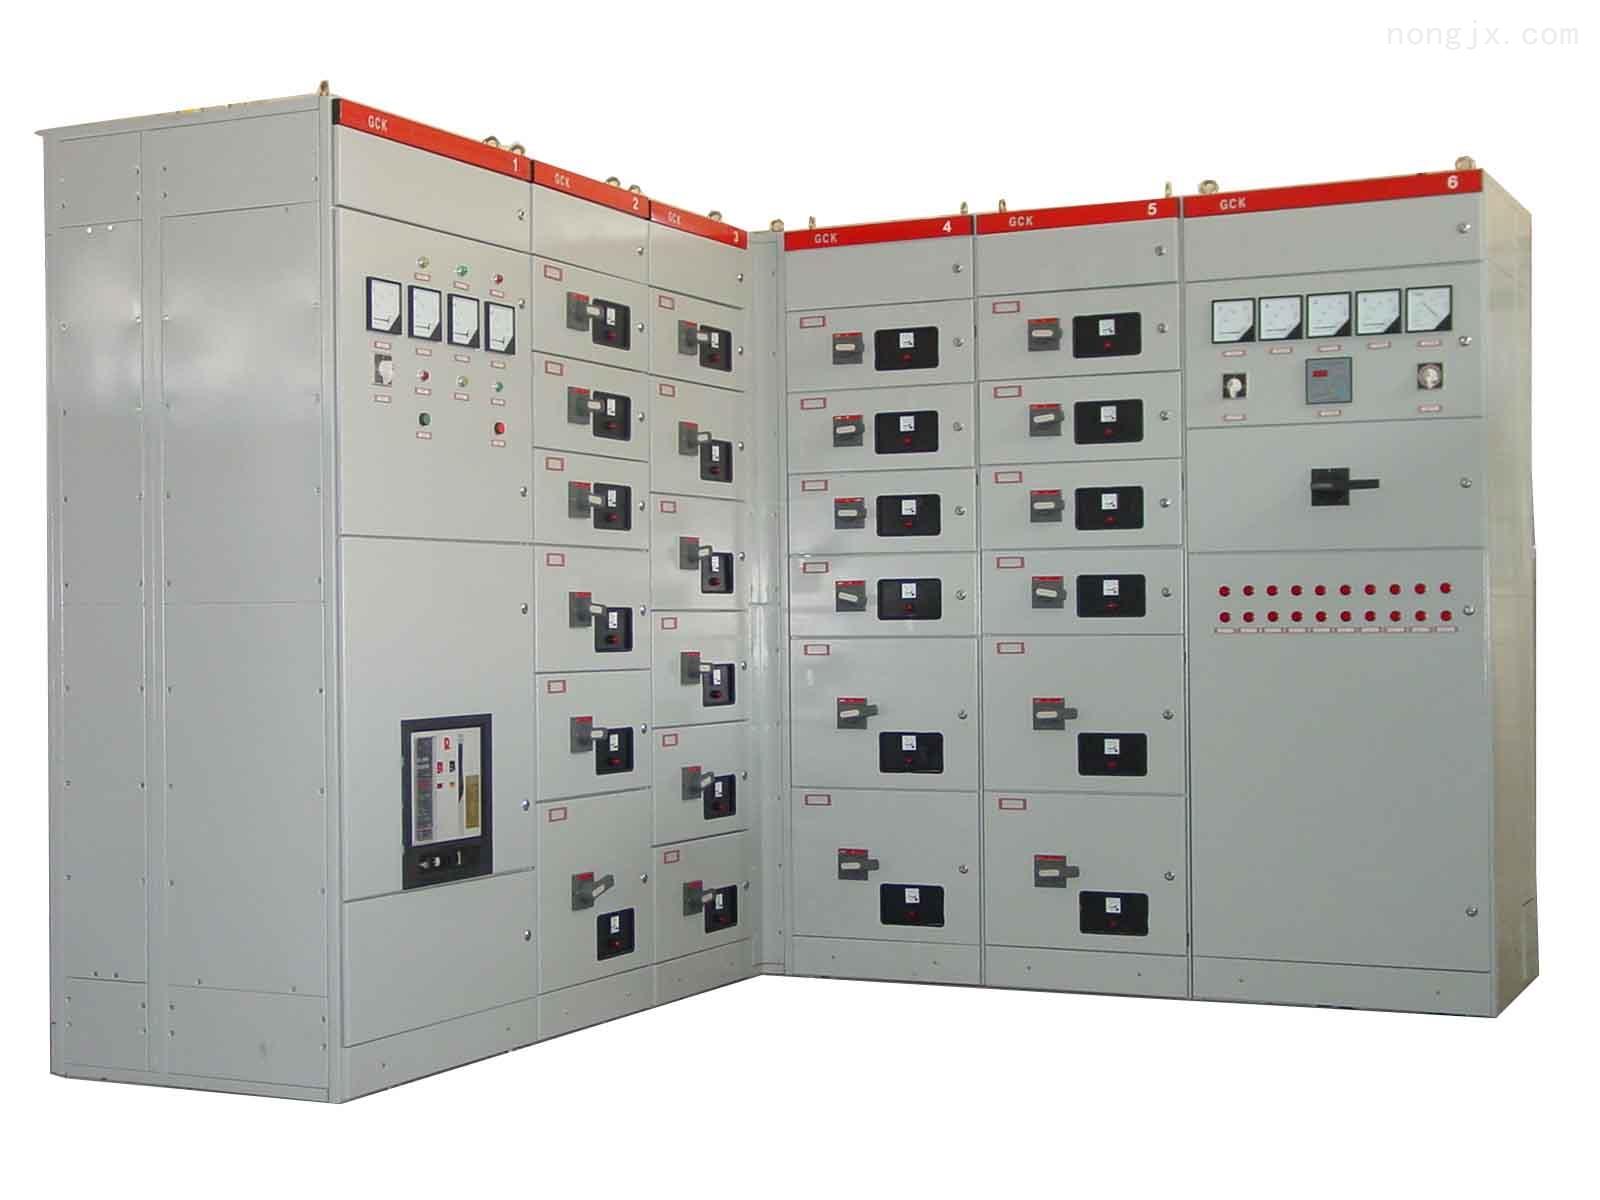 德力西电气 JXF-604020 低压配电箱 基业控制箱 规格可选